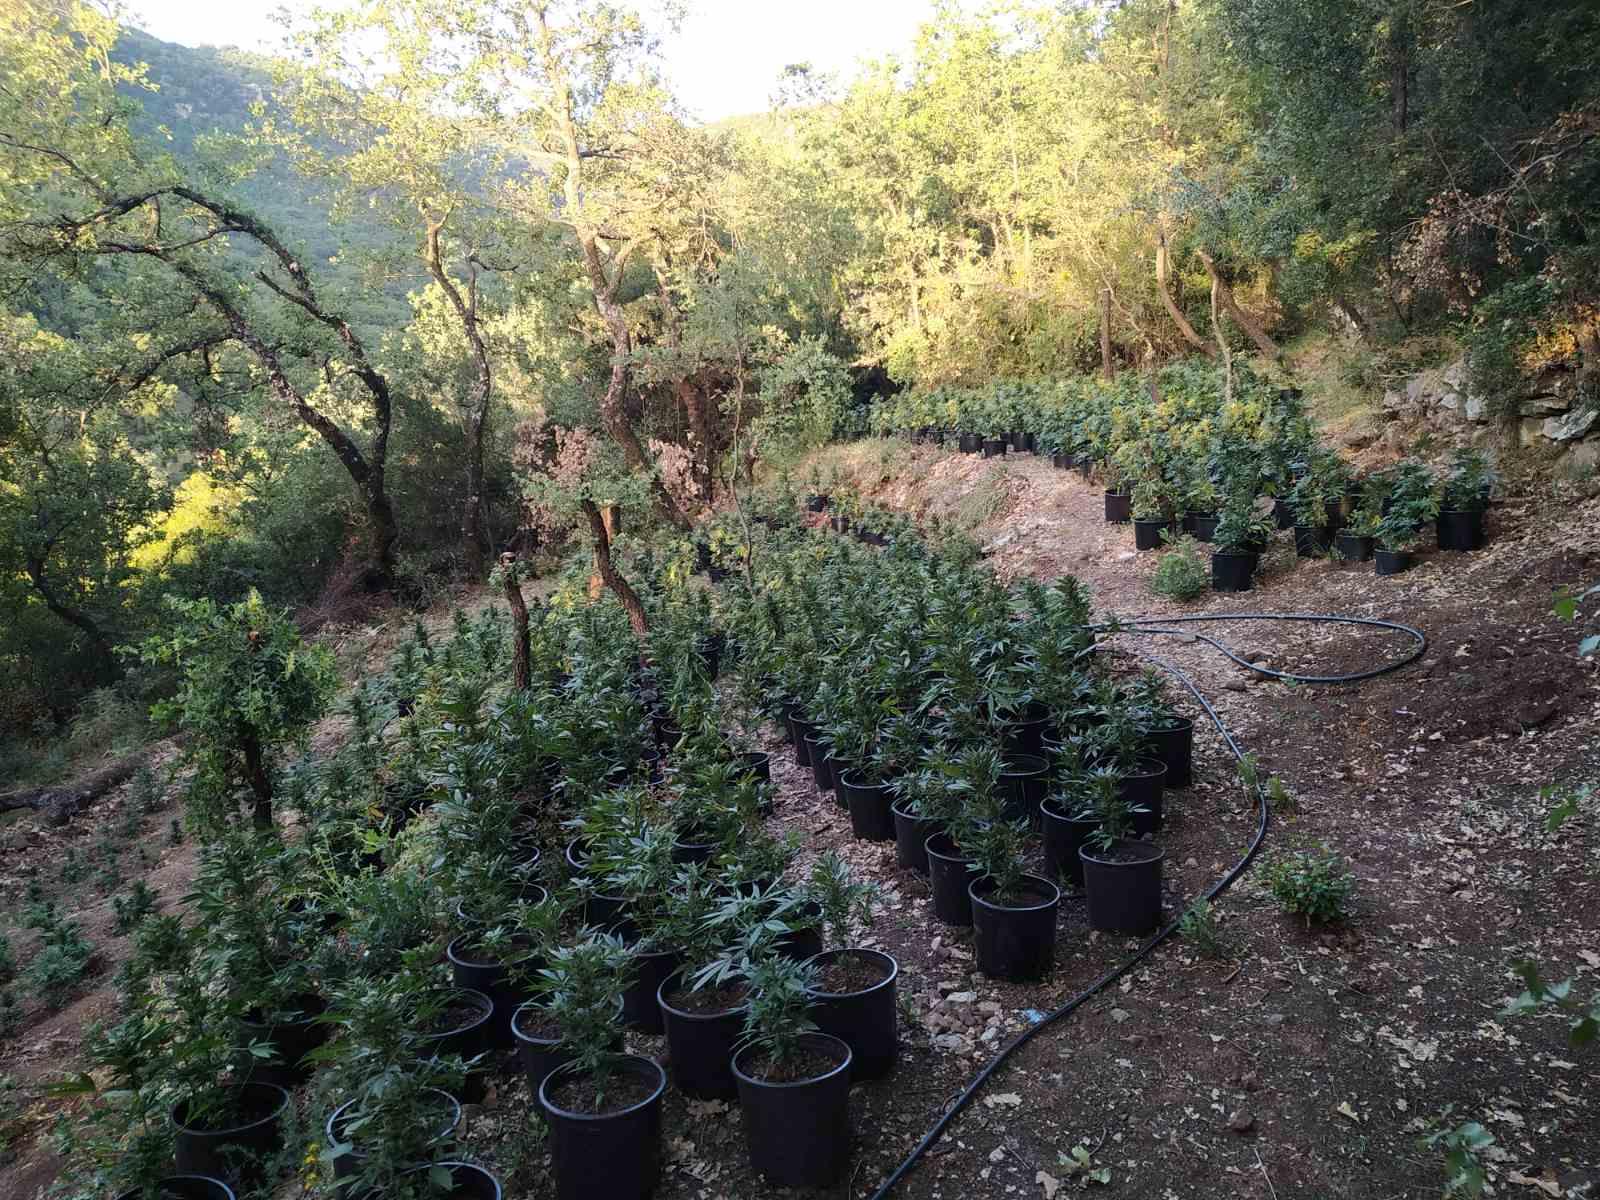 28-6-2021 Εντοπίστηκε μεγάλη οργανωμένη φυτεία κάνναβης, με (4.325) δενδρύλλια και φυτά σε δύσβατη δασική περιοχή της Ανδρίτσαινας (9)